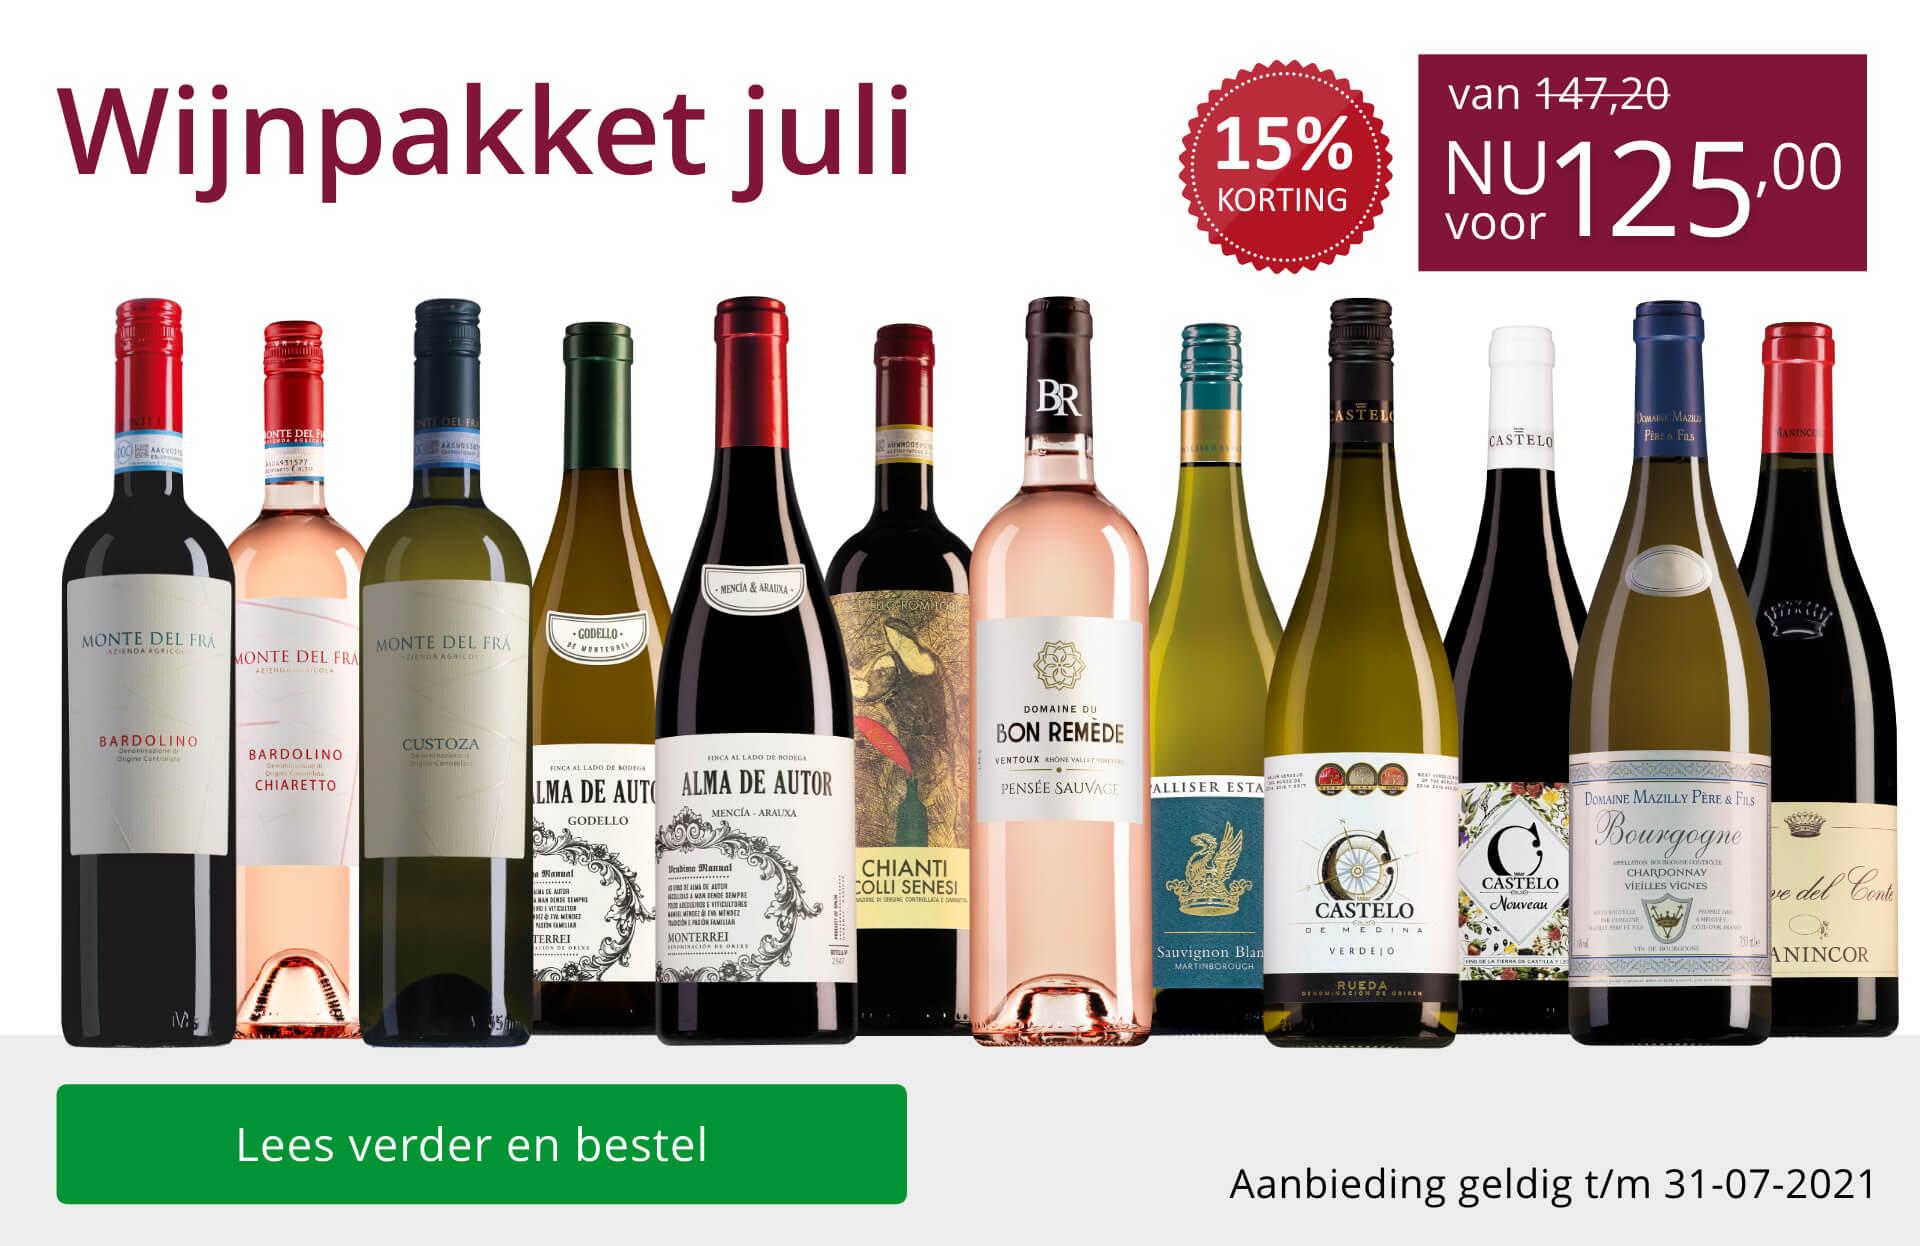 Wijnpakket wijnbericht juli 2021(125,00) - paars